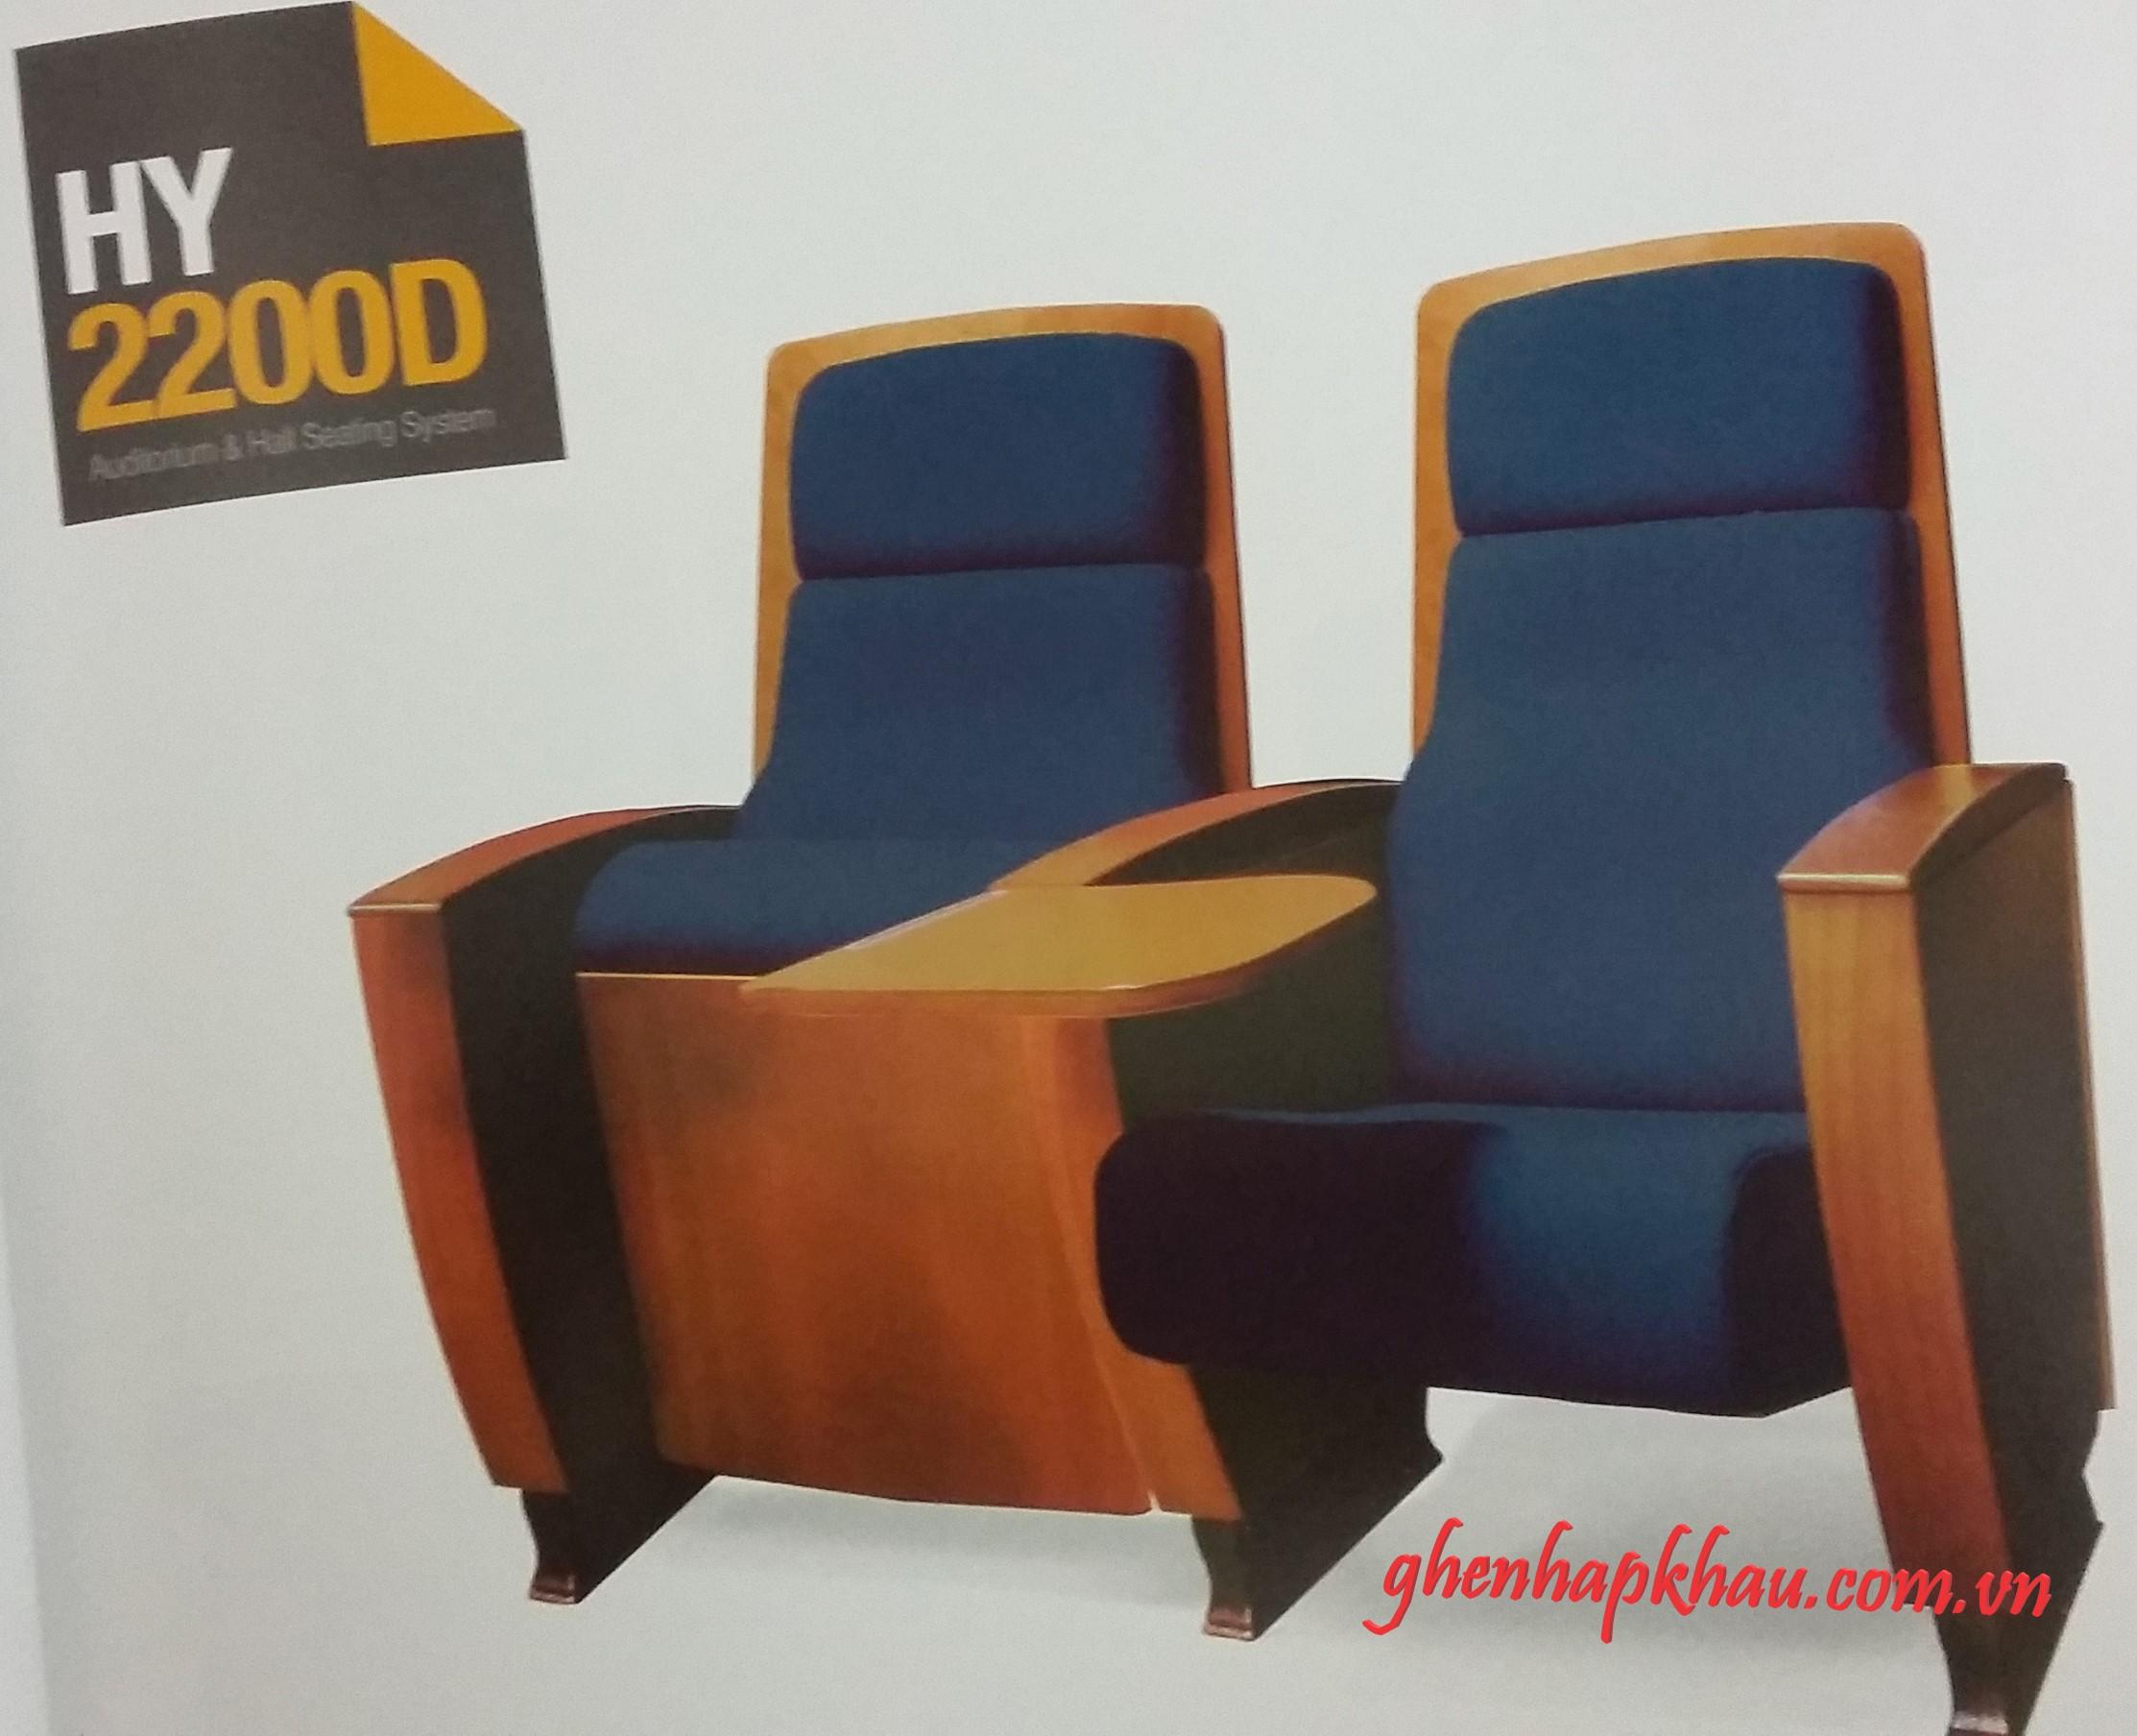 Ghế hội trường Hàn Quốc HY-2200D